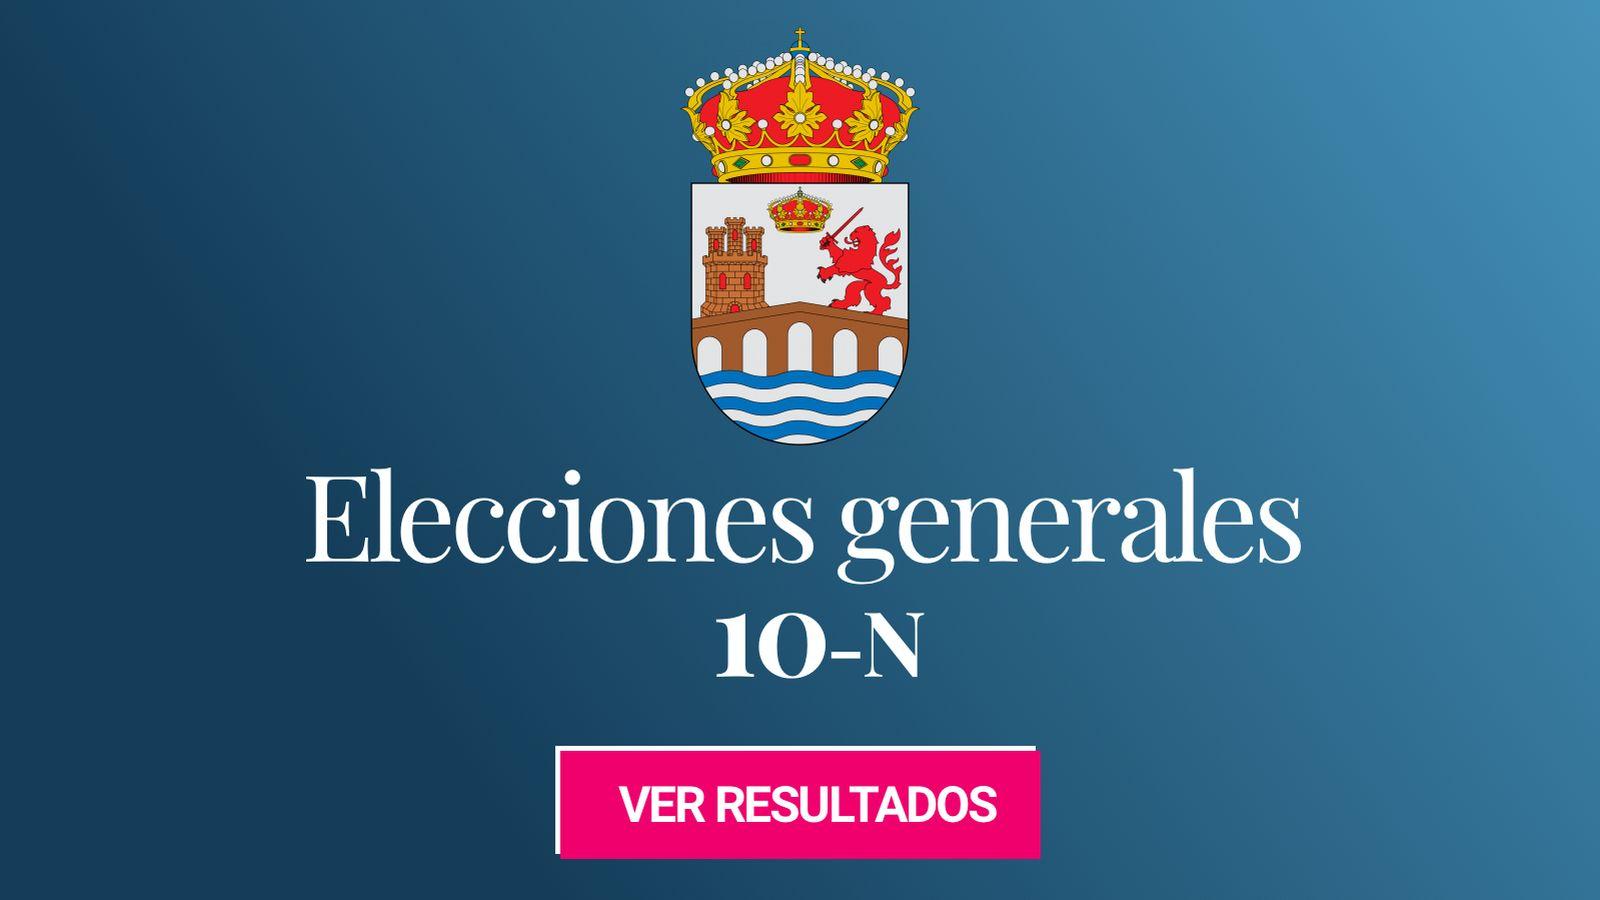 Foto: Elecciones generales 2019 en la provincia de Ourense. (C.C./HansenBCN)